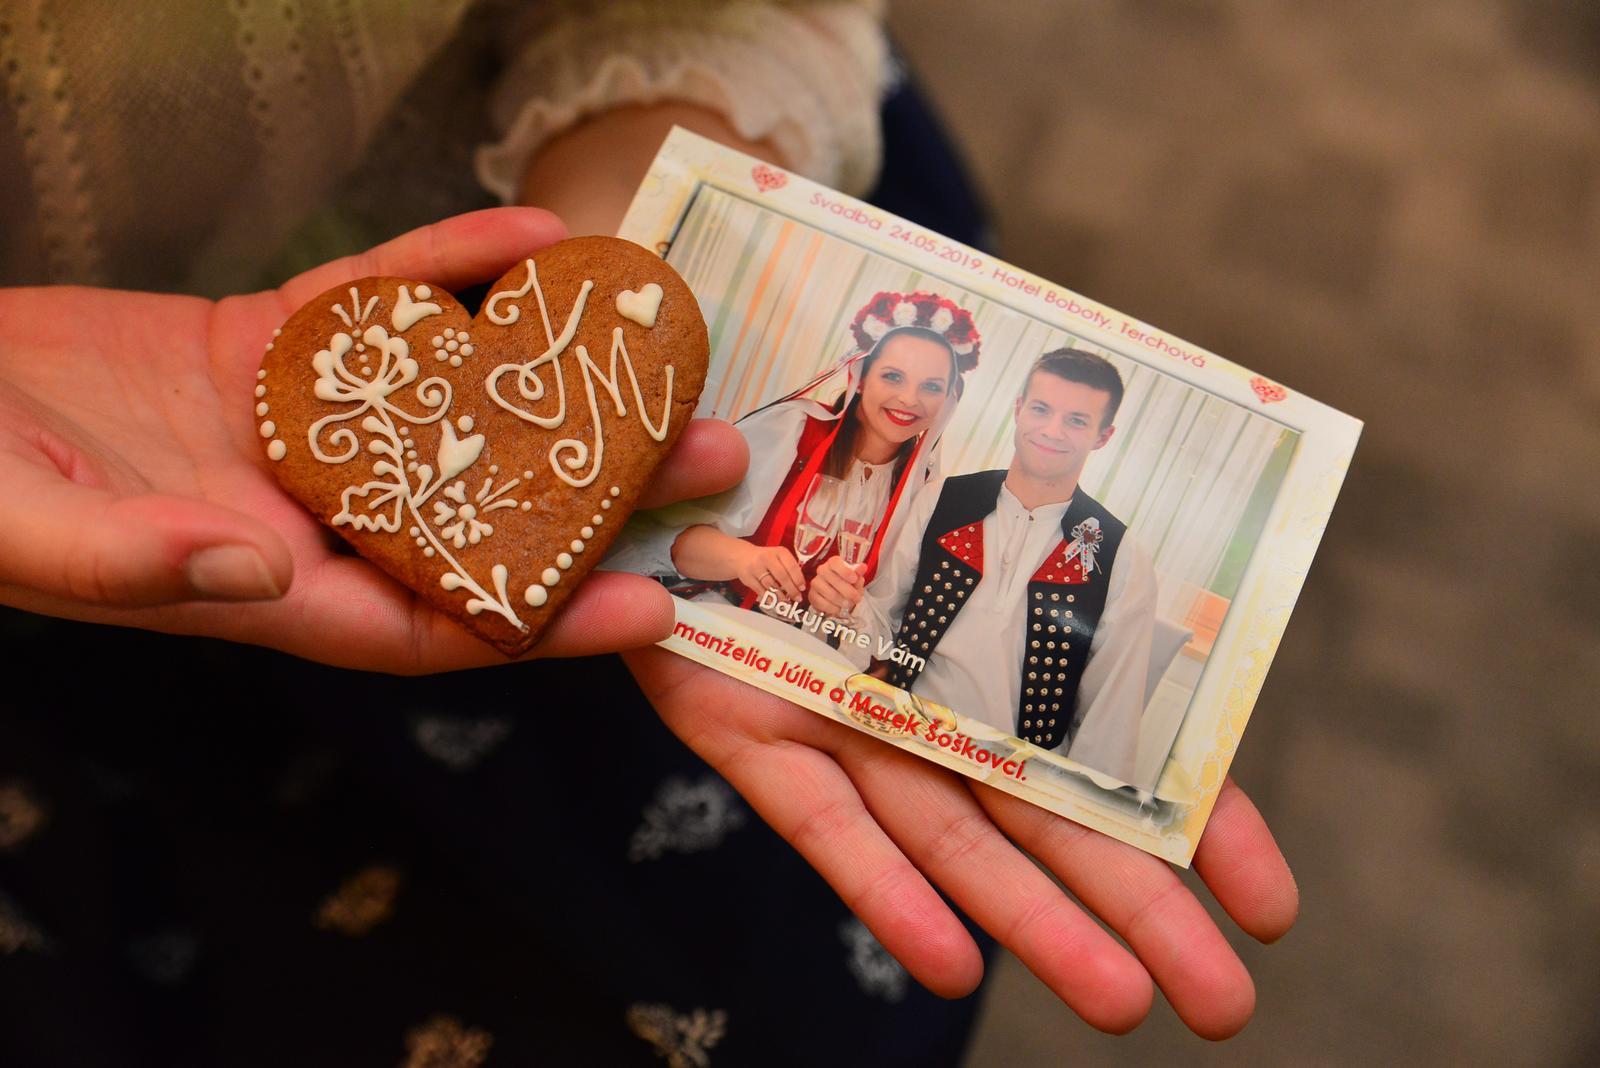 Detaily pre Vaš svadobny deň - svadobne podakovanie ako darček pre hosti od DJ Maroš Chvojka